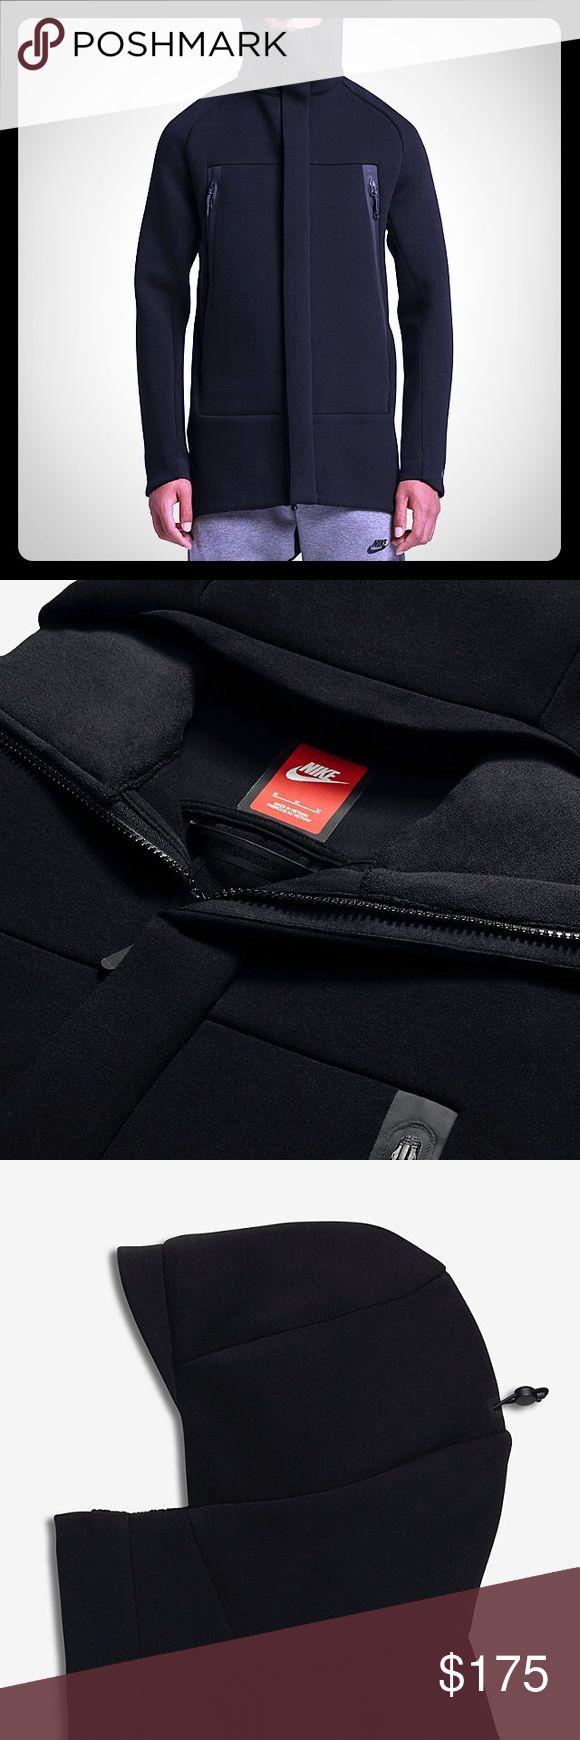 NEW Men's Nike Tech Fleece Parka sz L NWT $250 H Nike Jackets & Coats